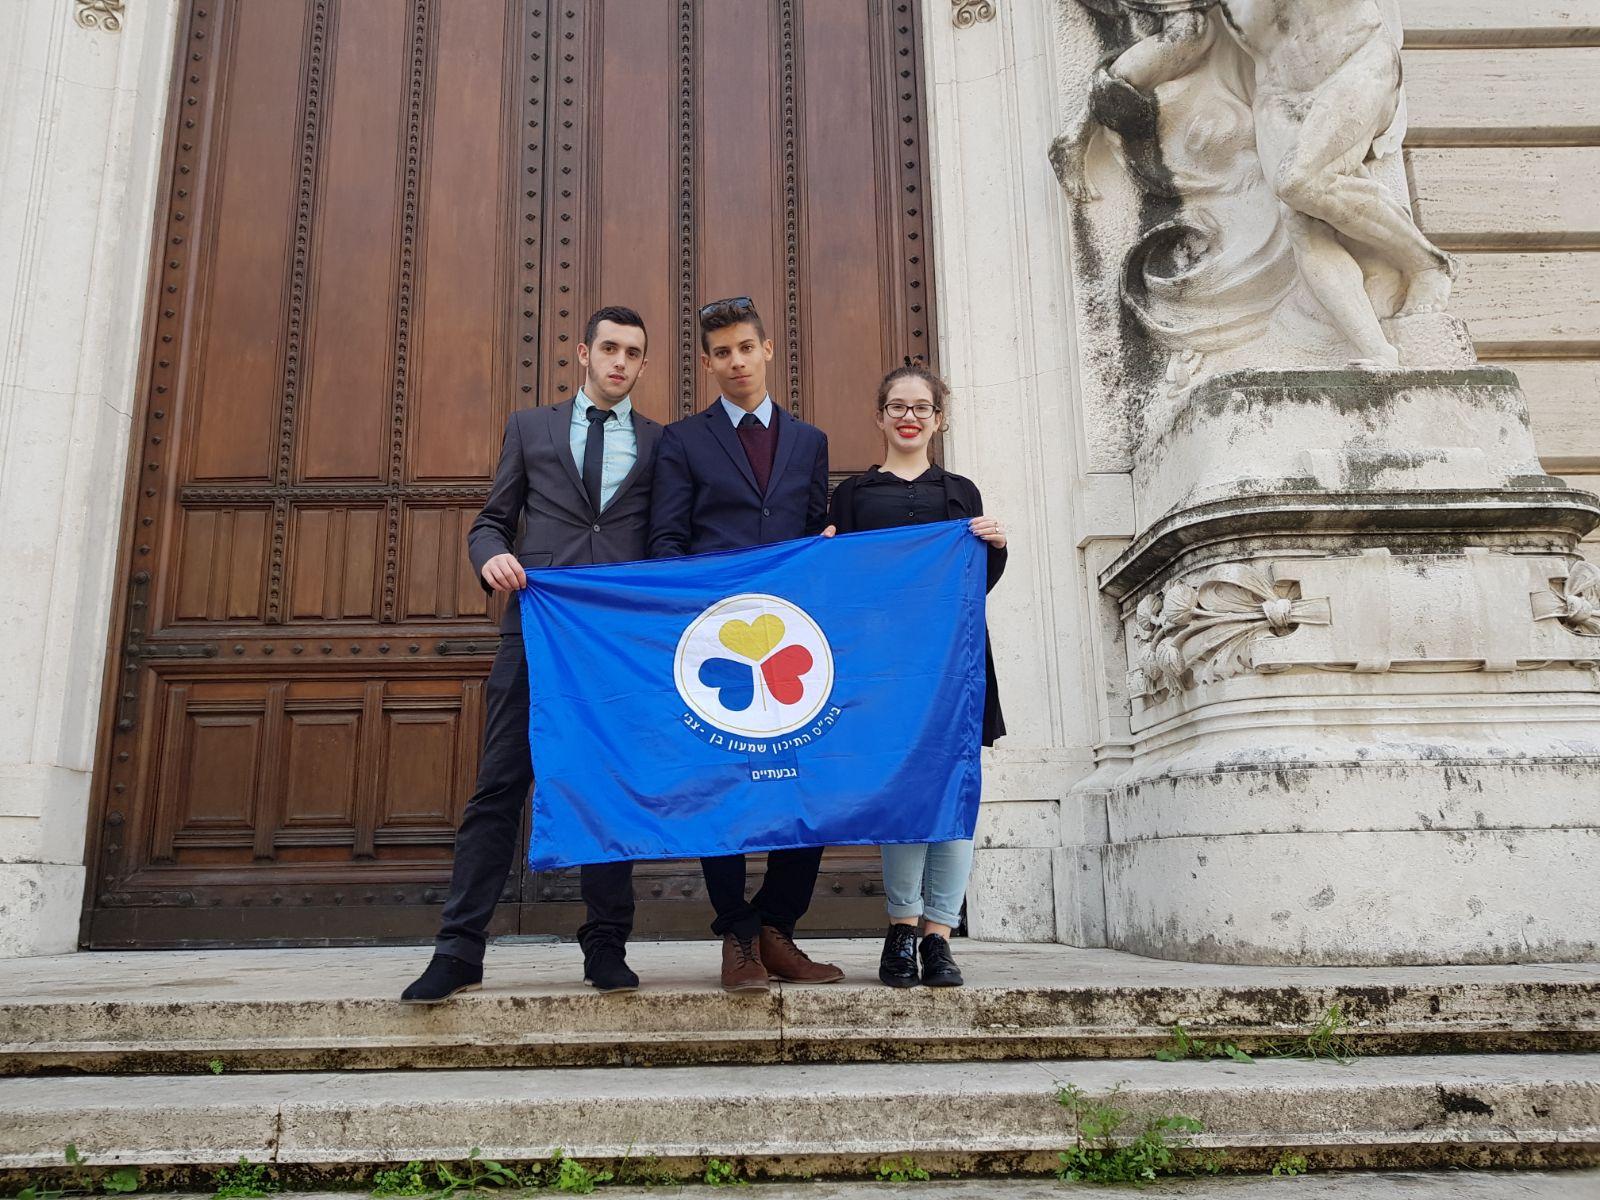 גלריית שגרירים צעירים